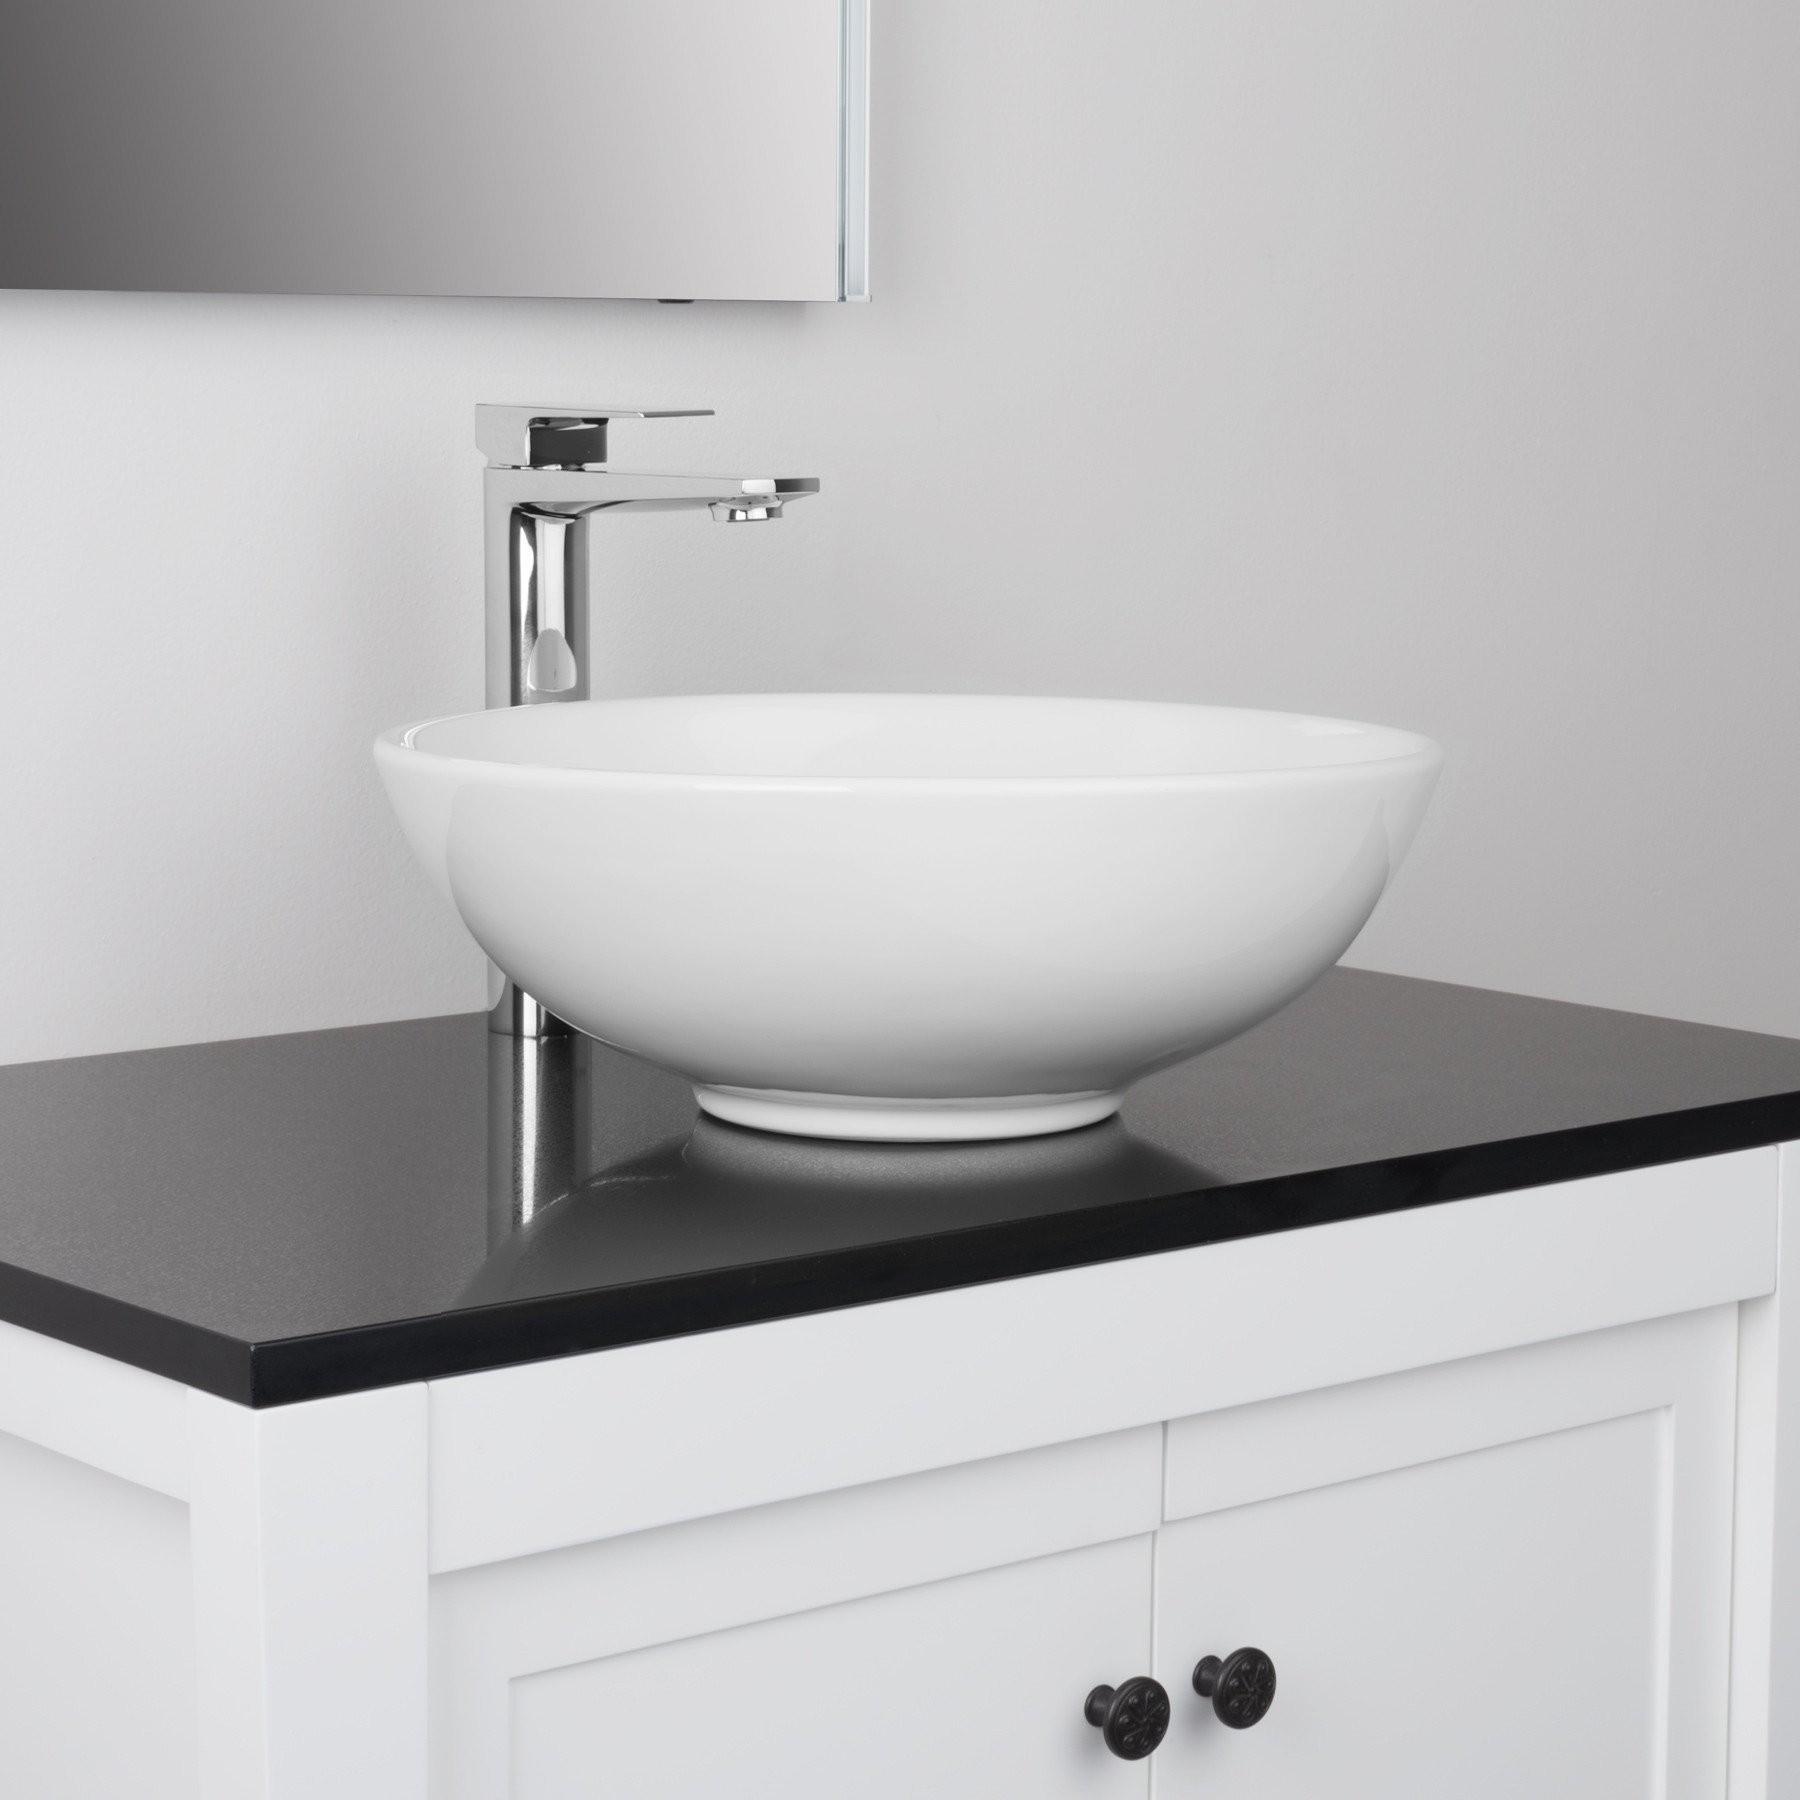 Adalbert Brass Bathroom Vessel Sink Faucet, Single Hole, Single ...